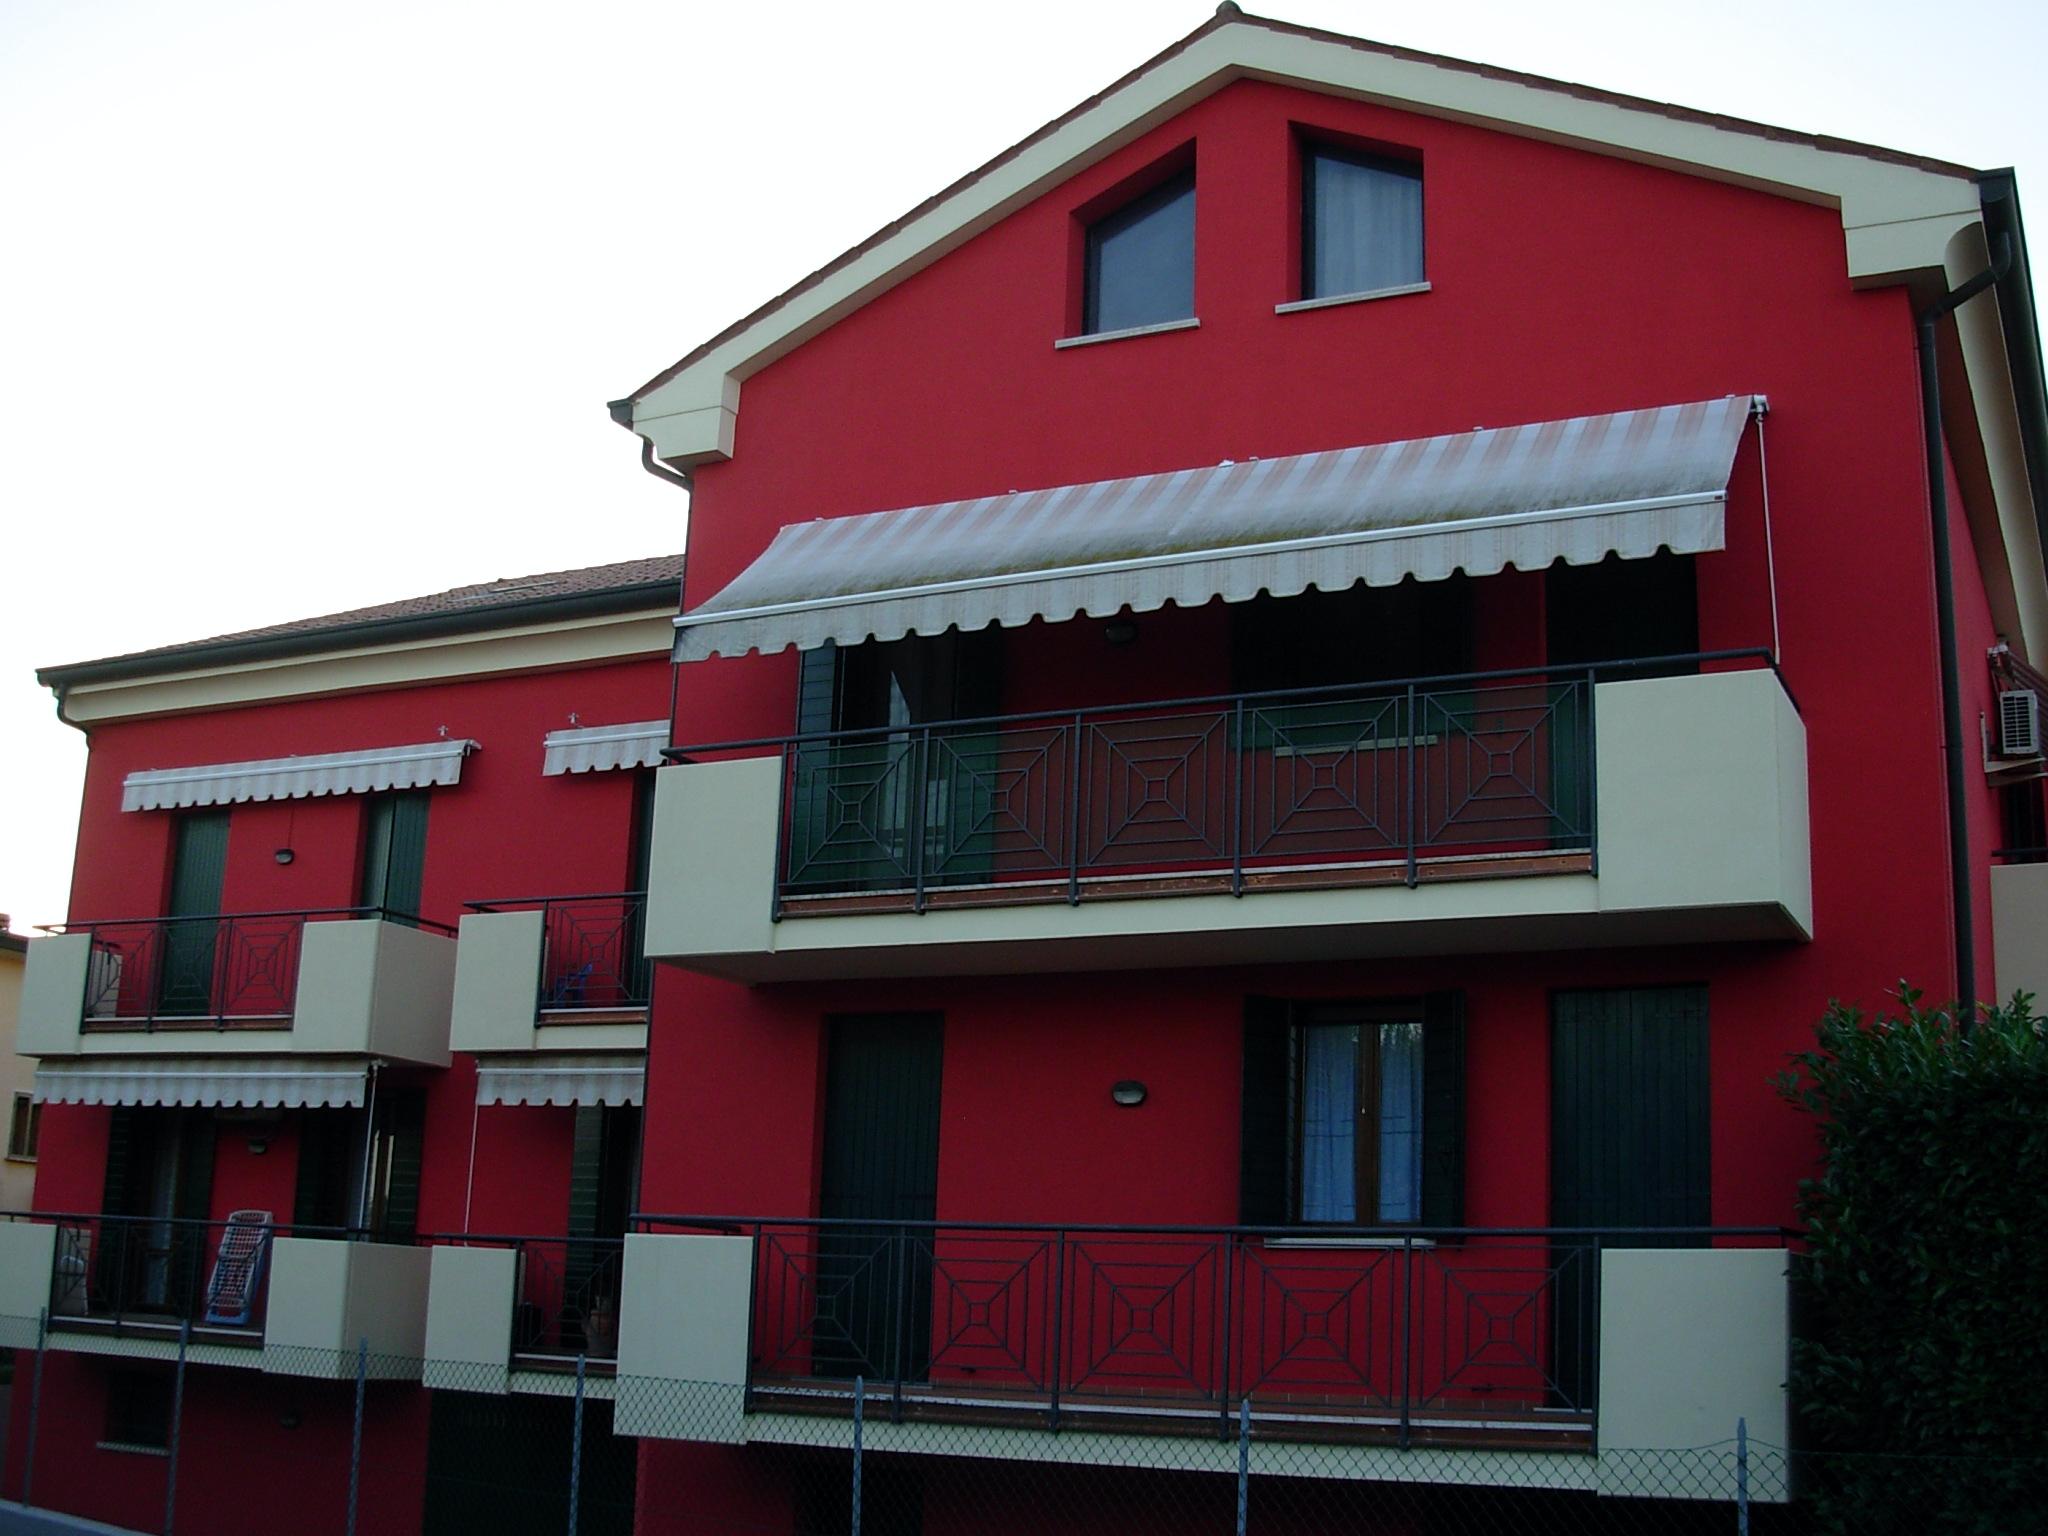 Casarella pitture per esterni padova - Pitturare casa esterno colori ...